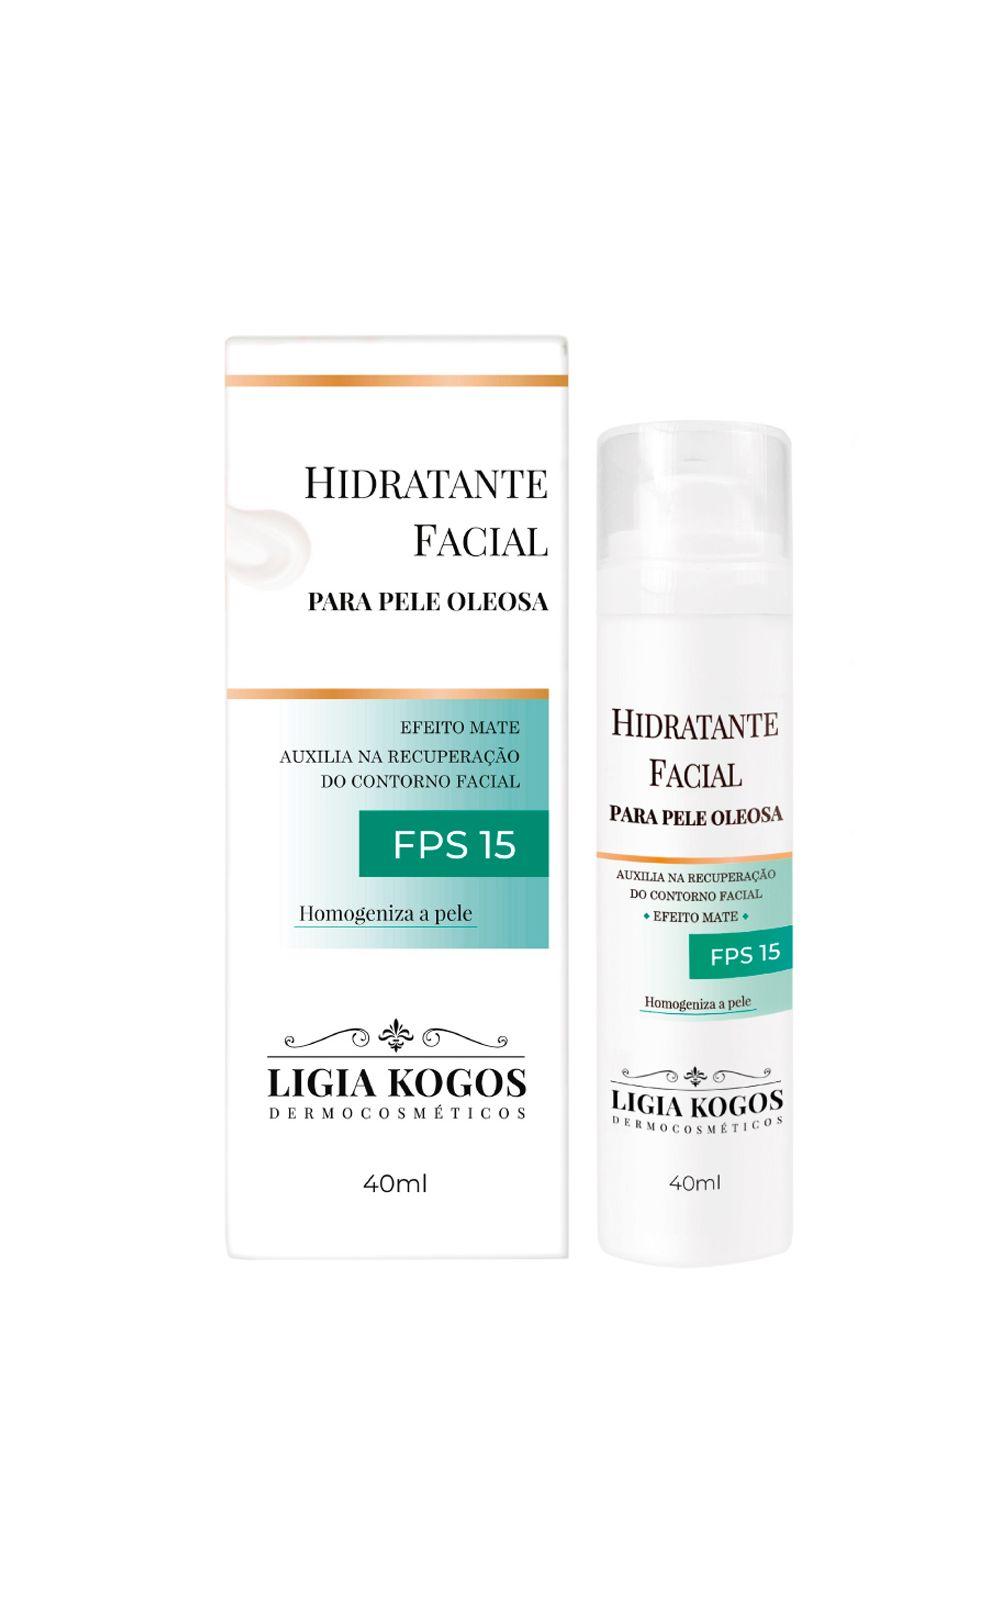 Foto 2 - Hidratante Facial para Pele Oleosa - Ligia Kogos - 40ml